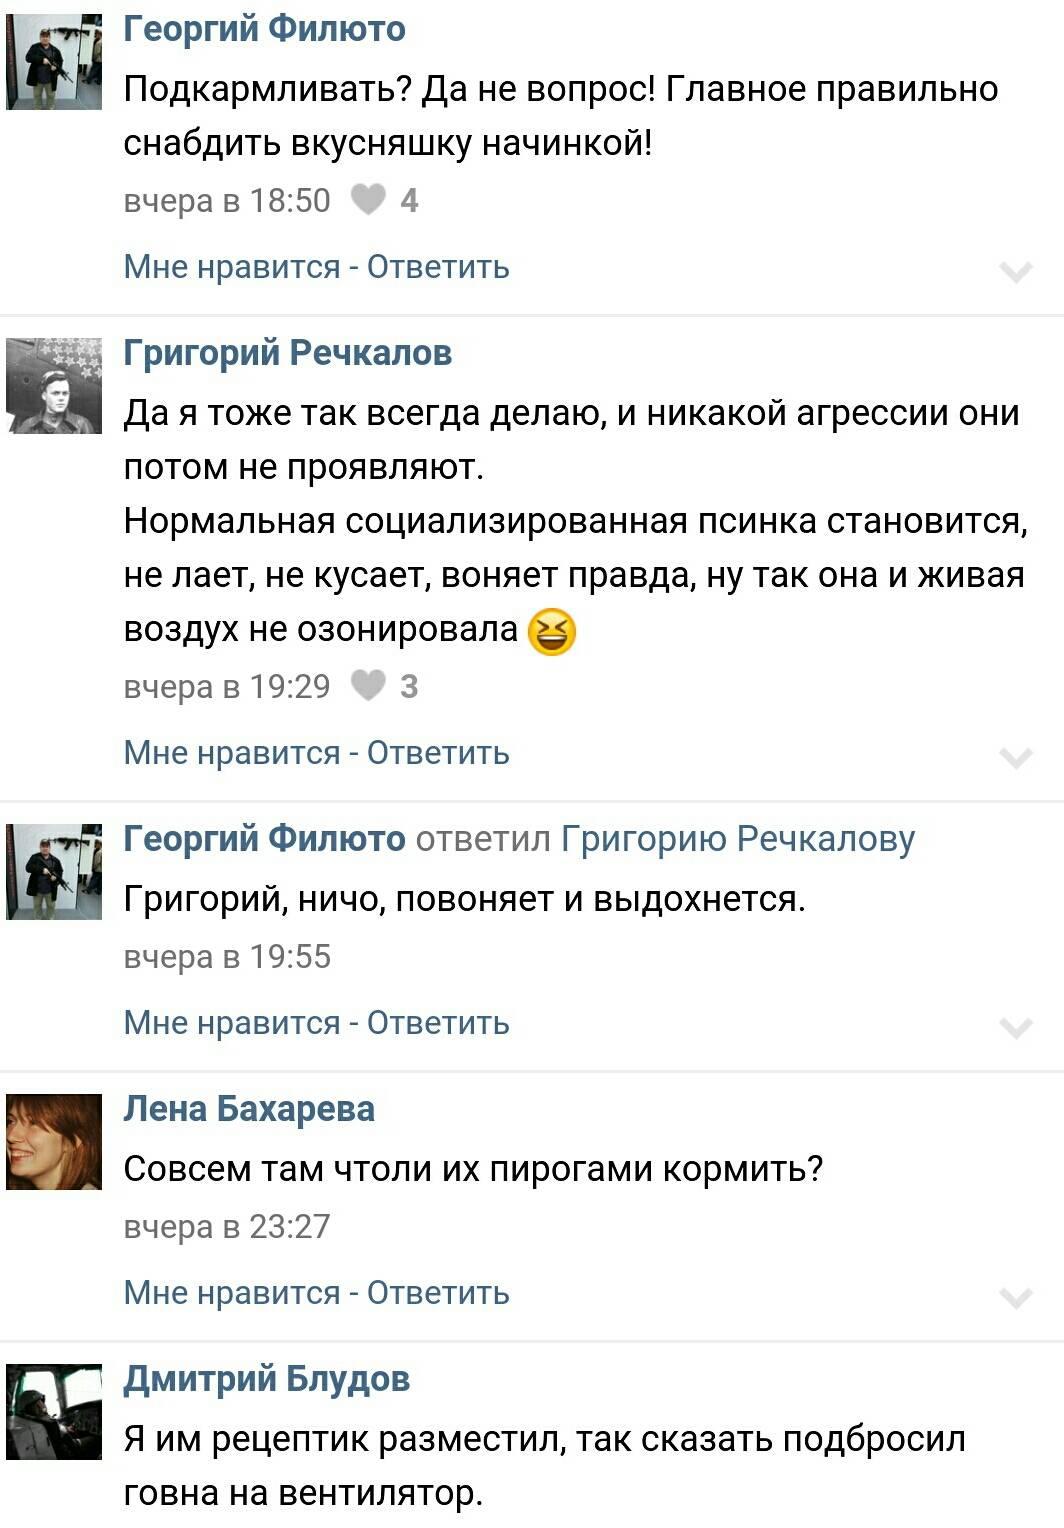 Картотека блядей мосвы фото 14-992